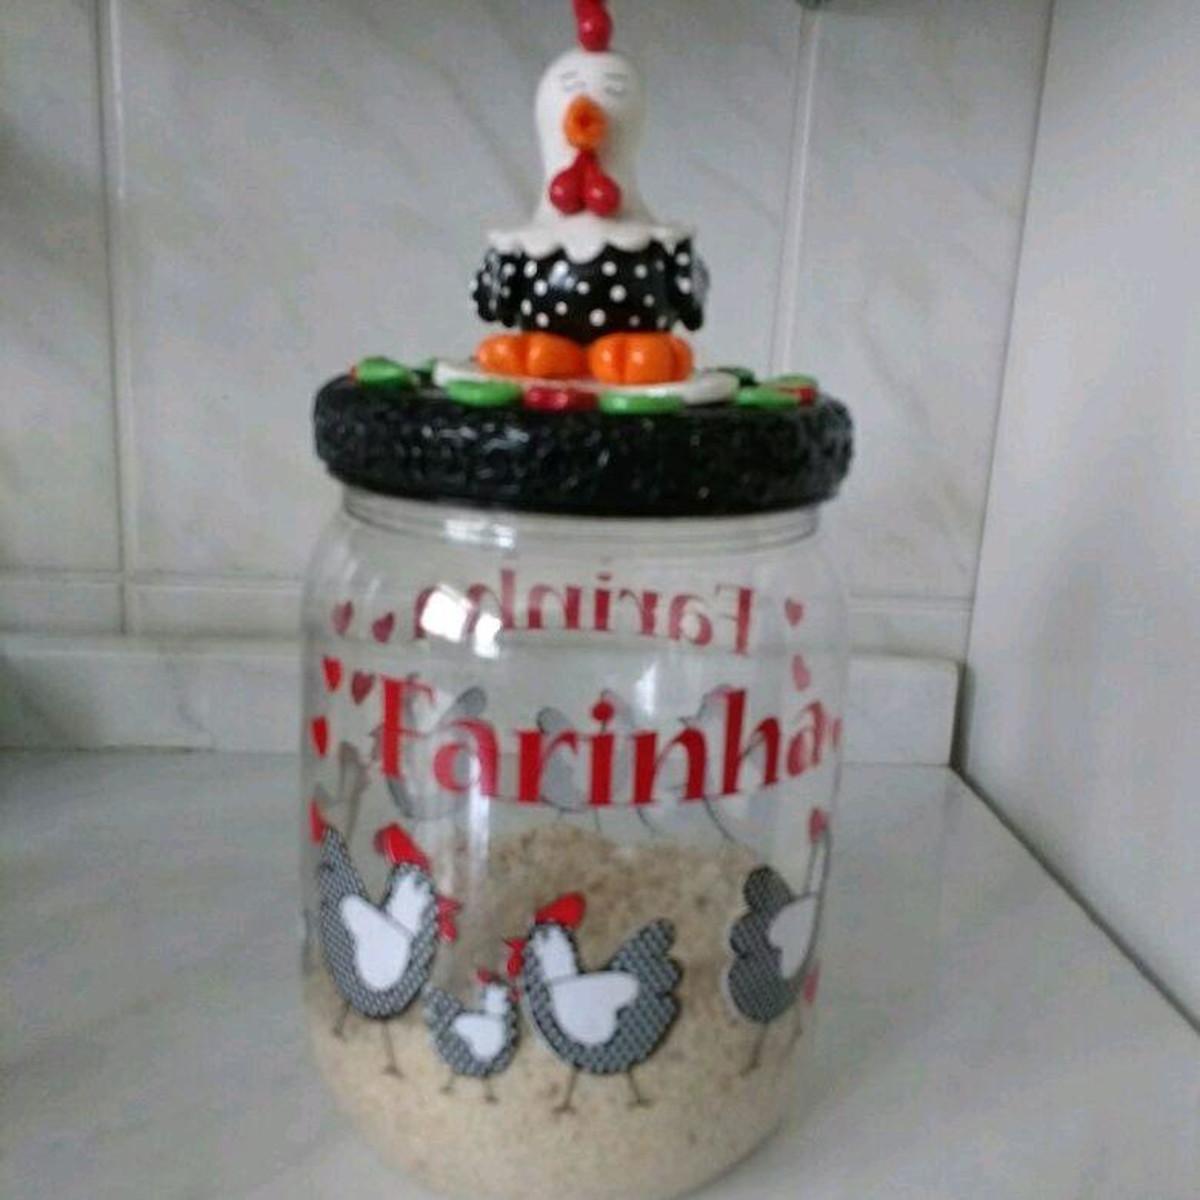 Pote Decorativo Para Cozinha Pote De Mell Artesanato Elo7 ~ Potes Decorativos Para Cozinha